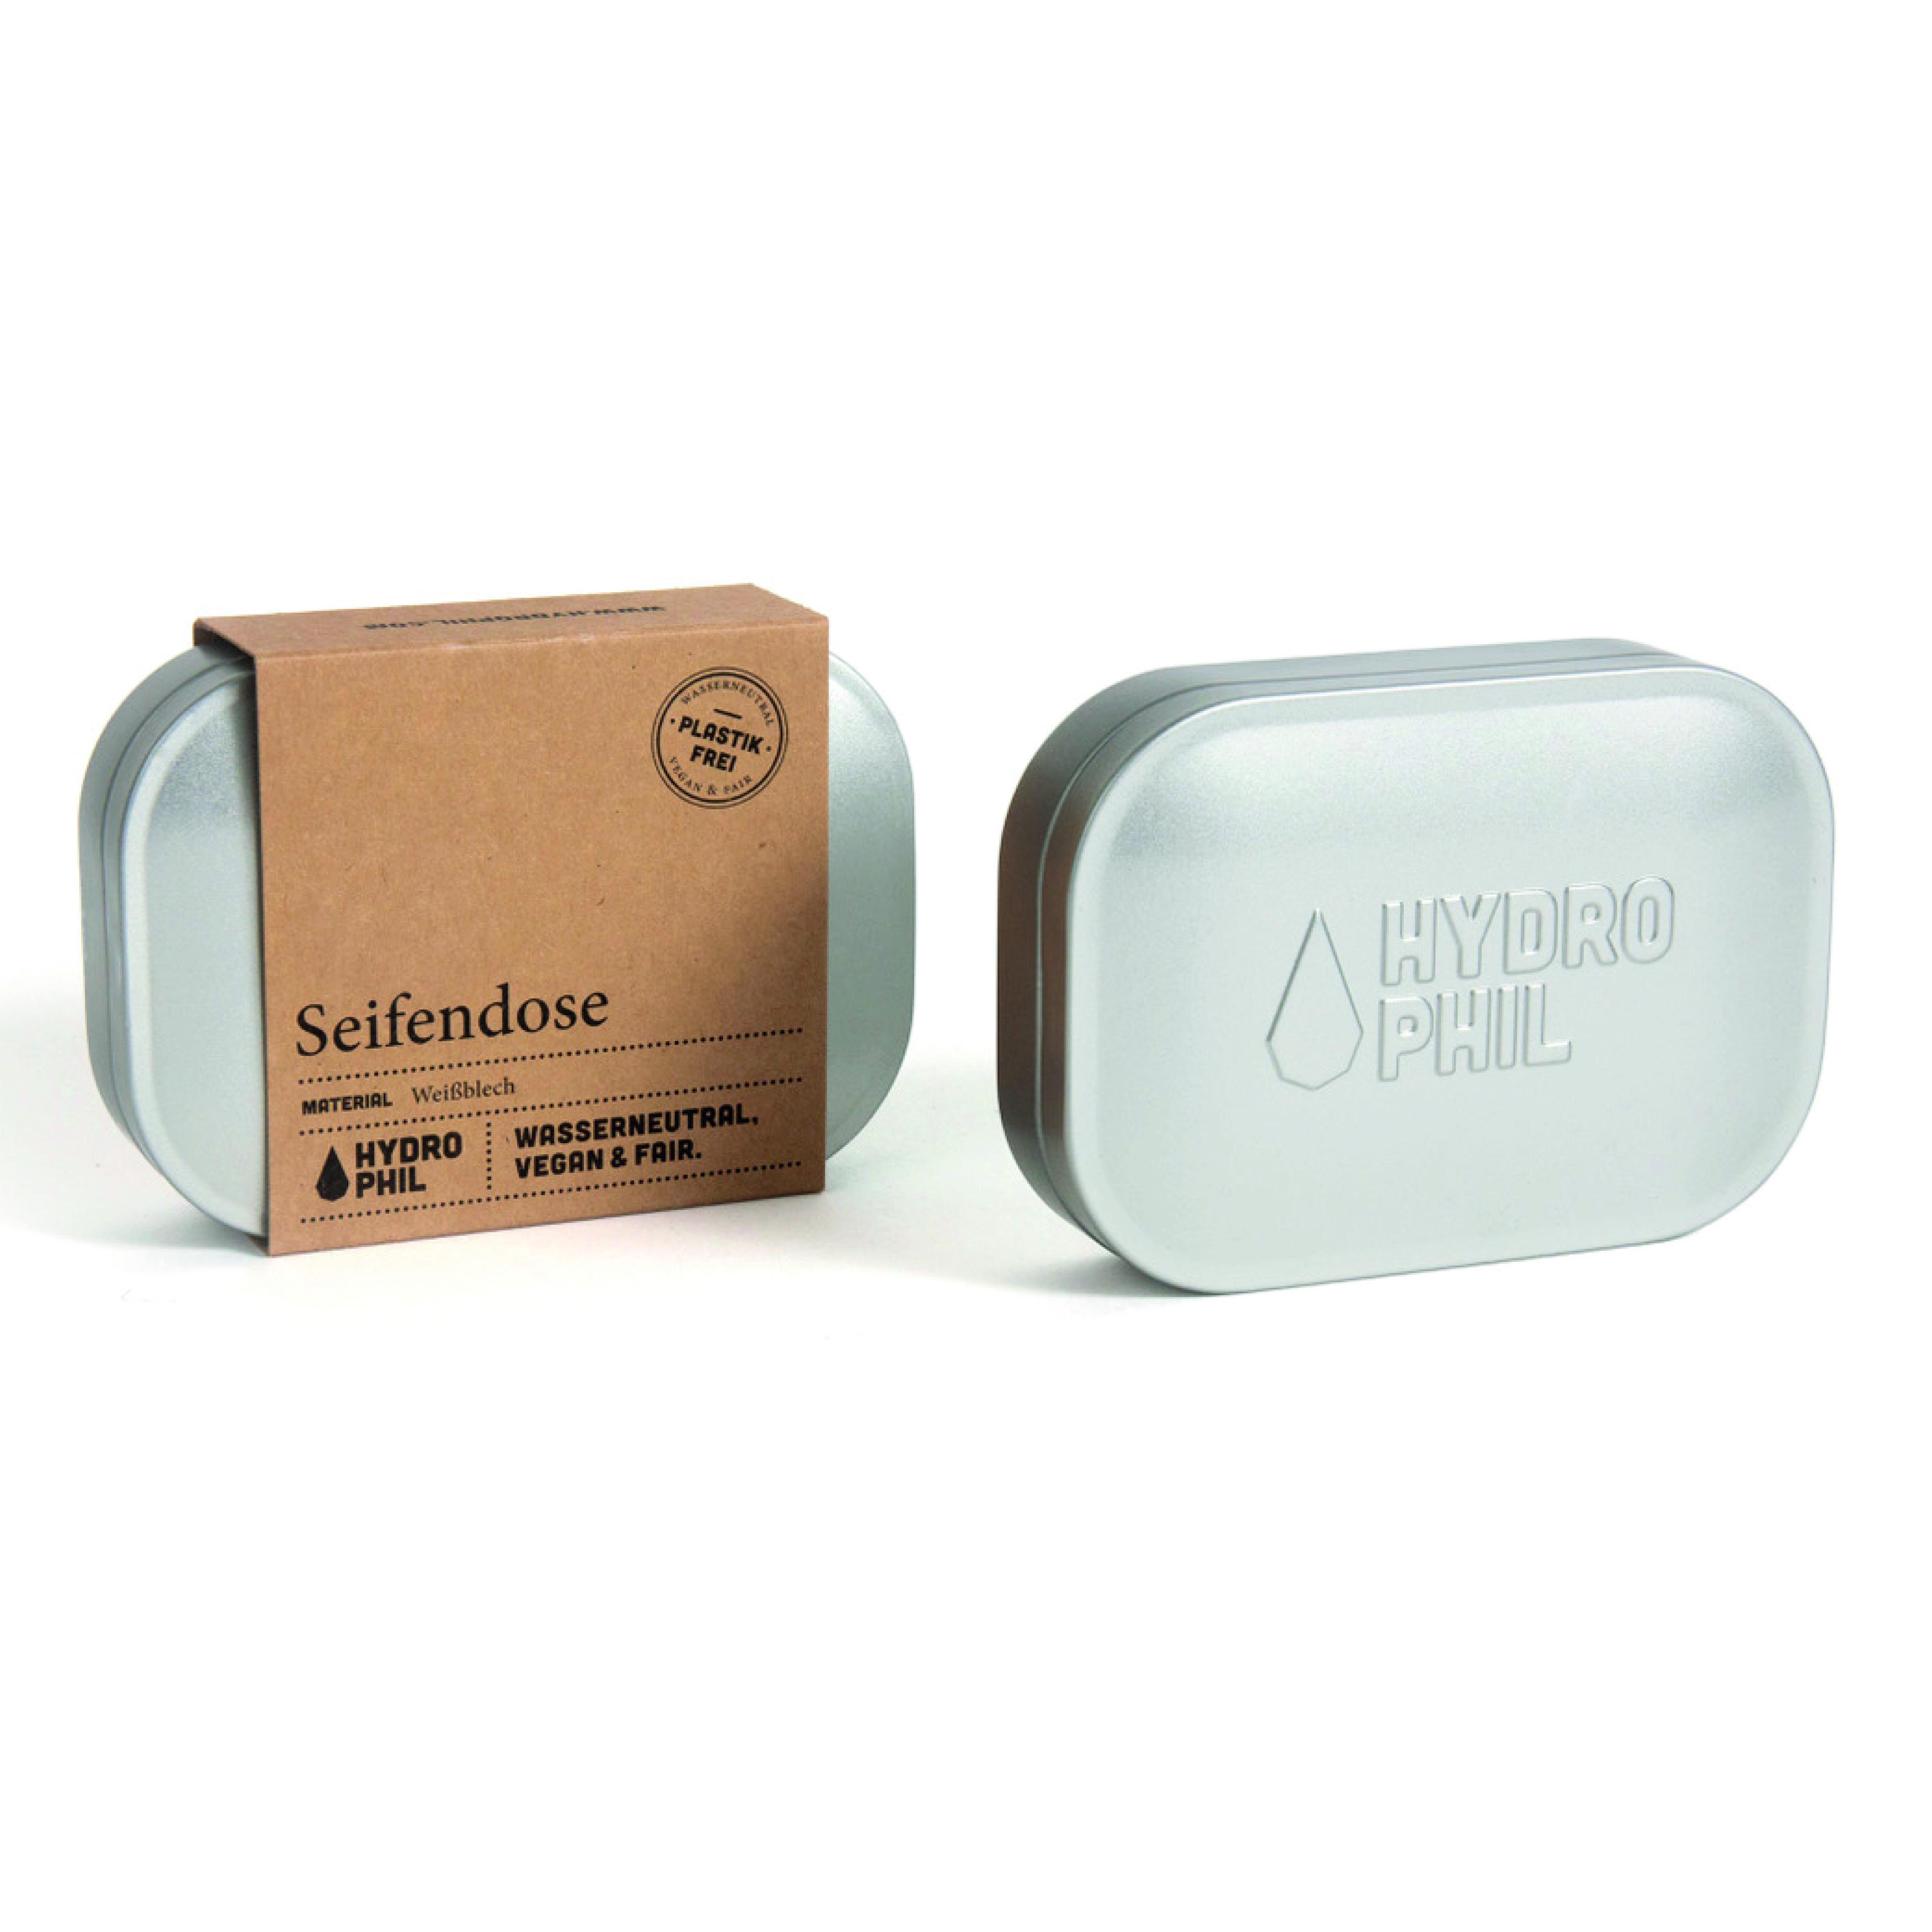 Hydrophil Seifendose